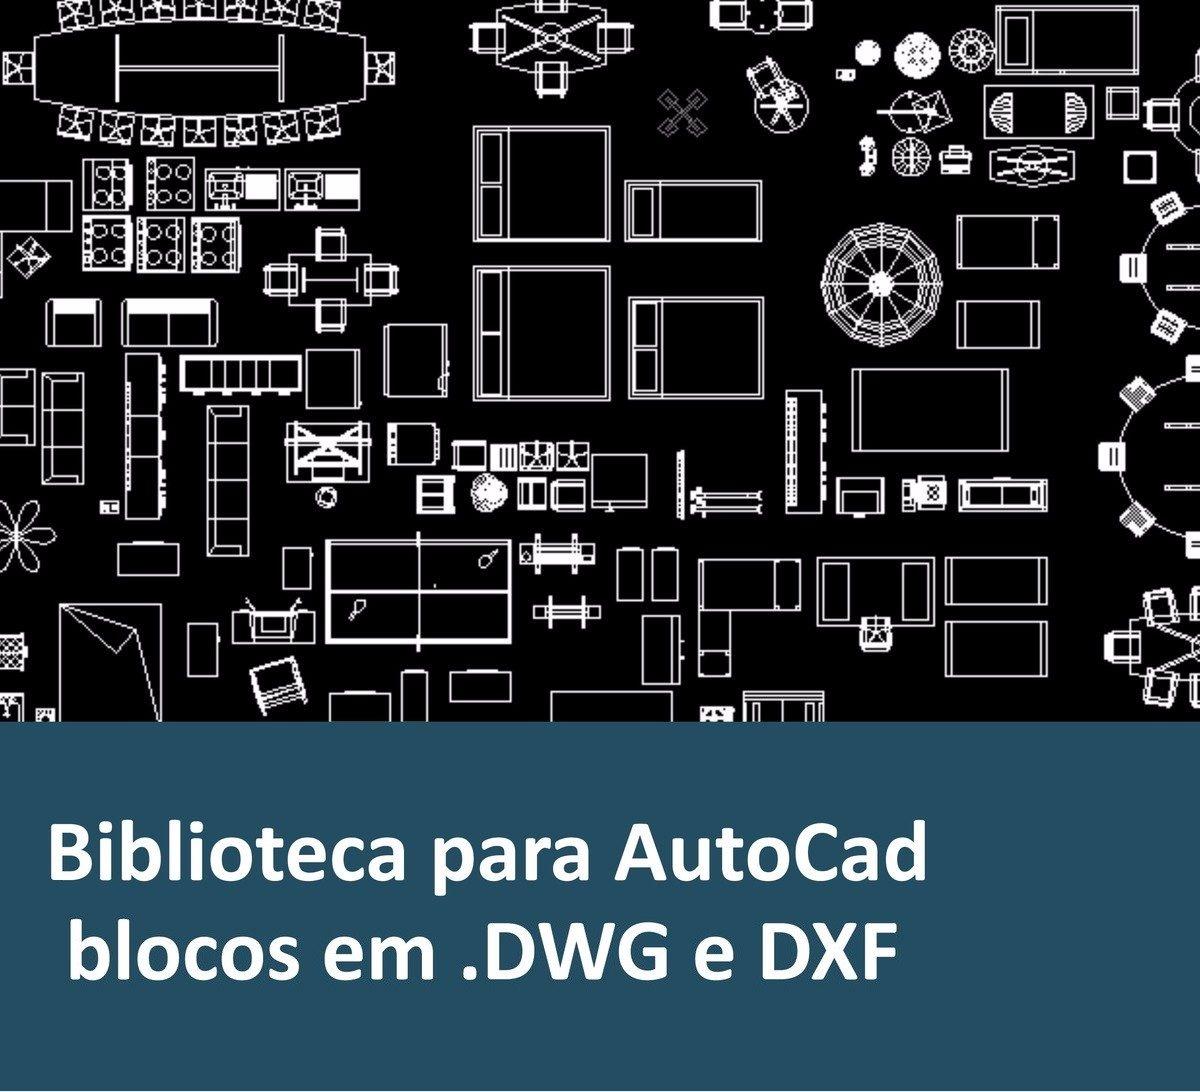 Biblioteca 130 000 Blocos 80000 Projetos Autocad